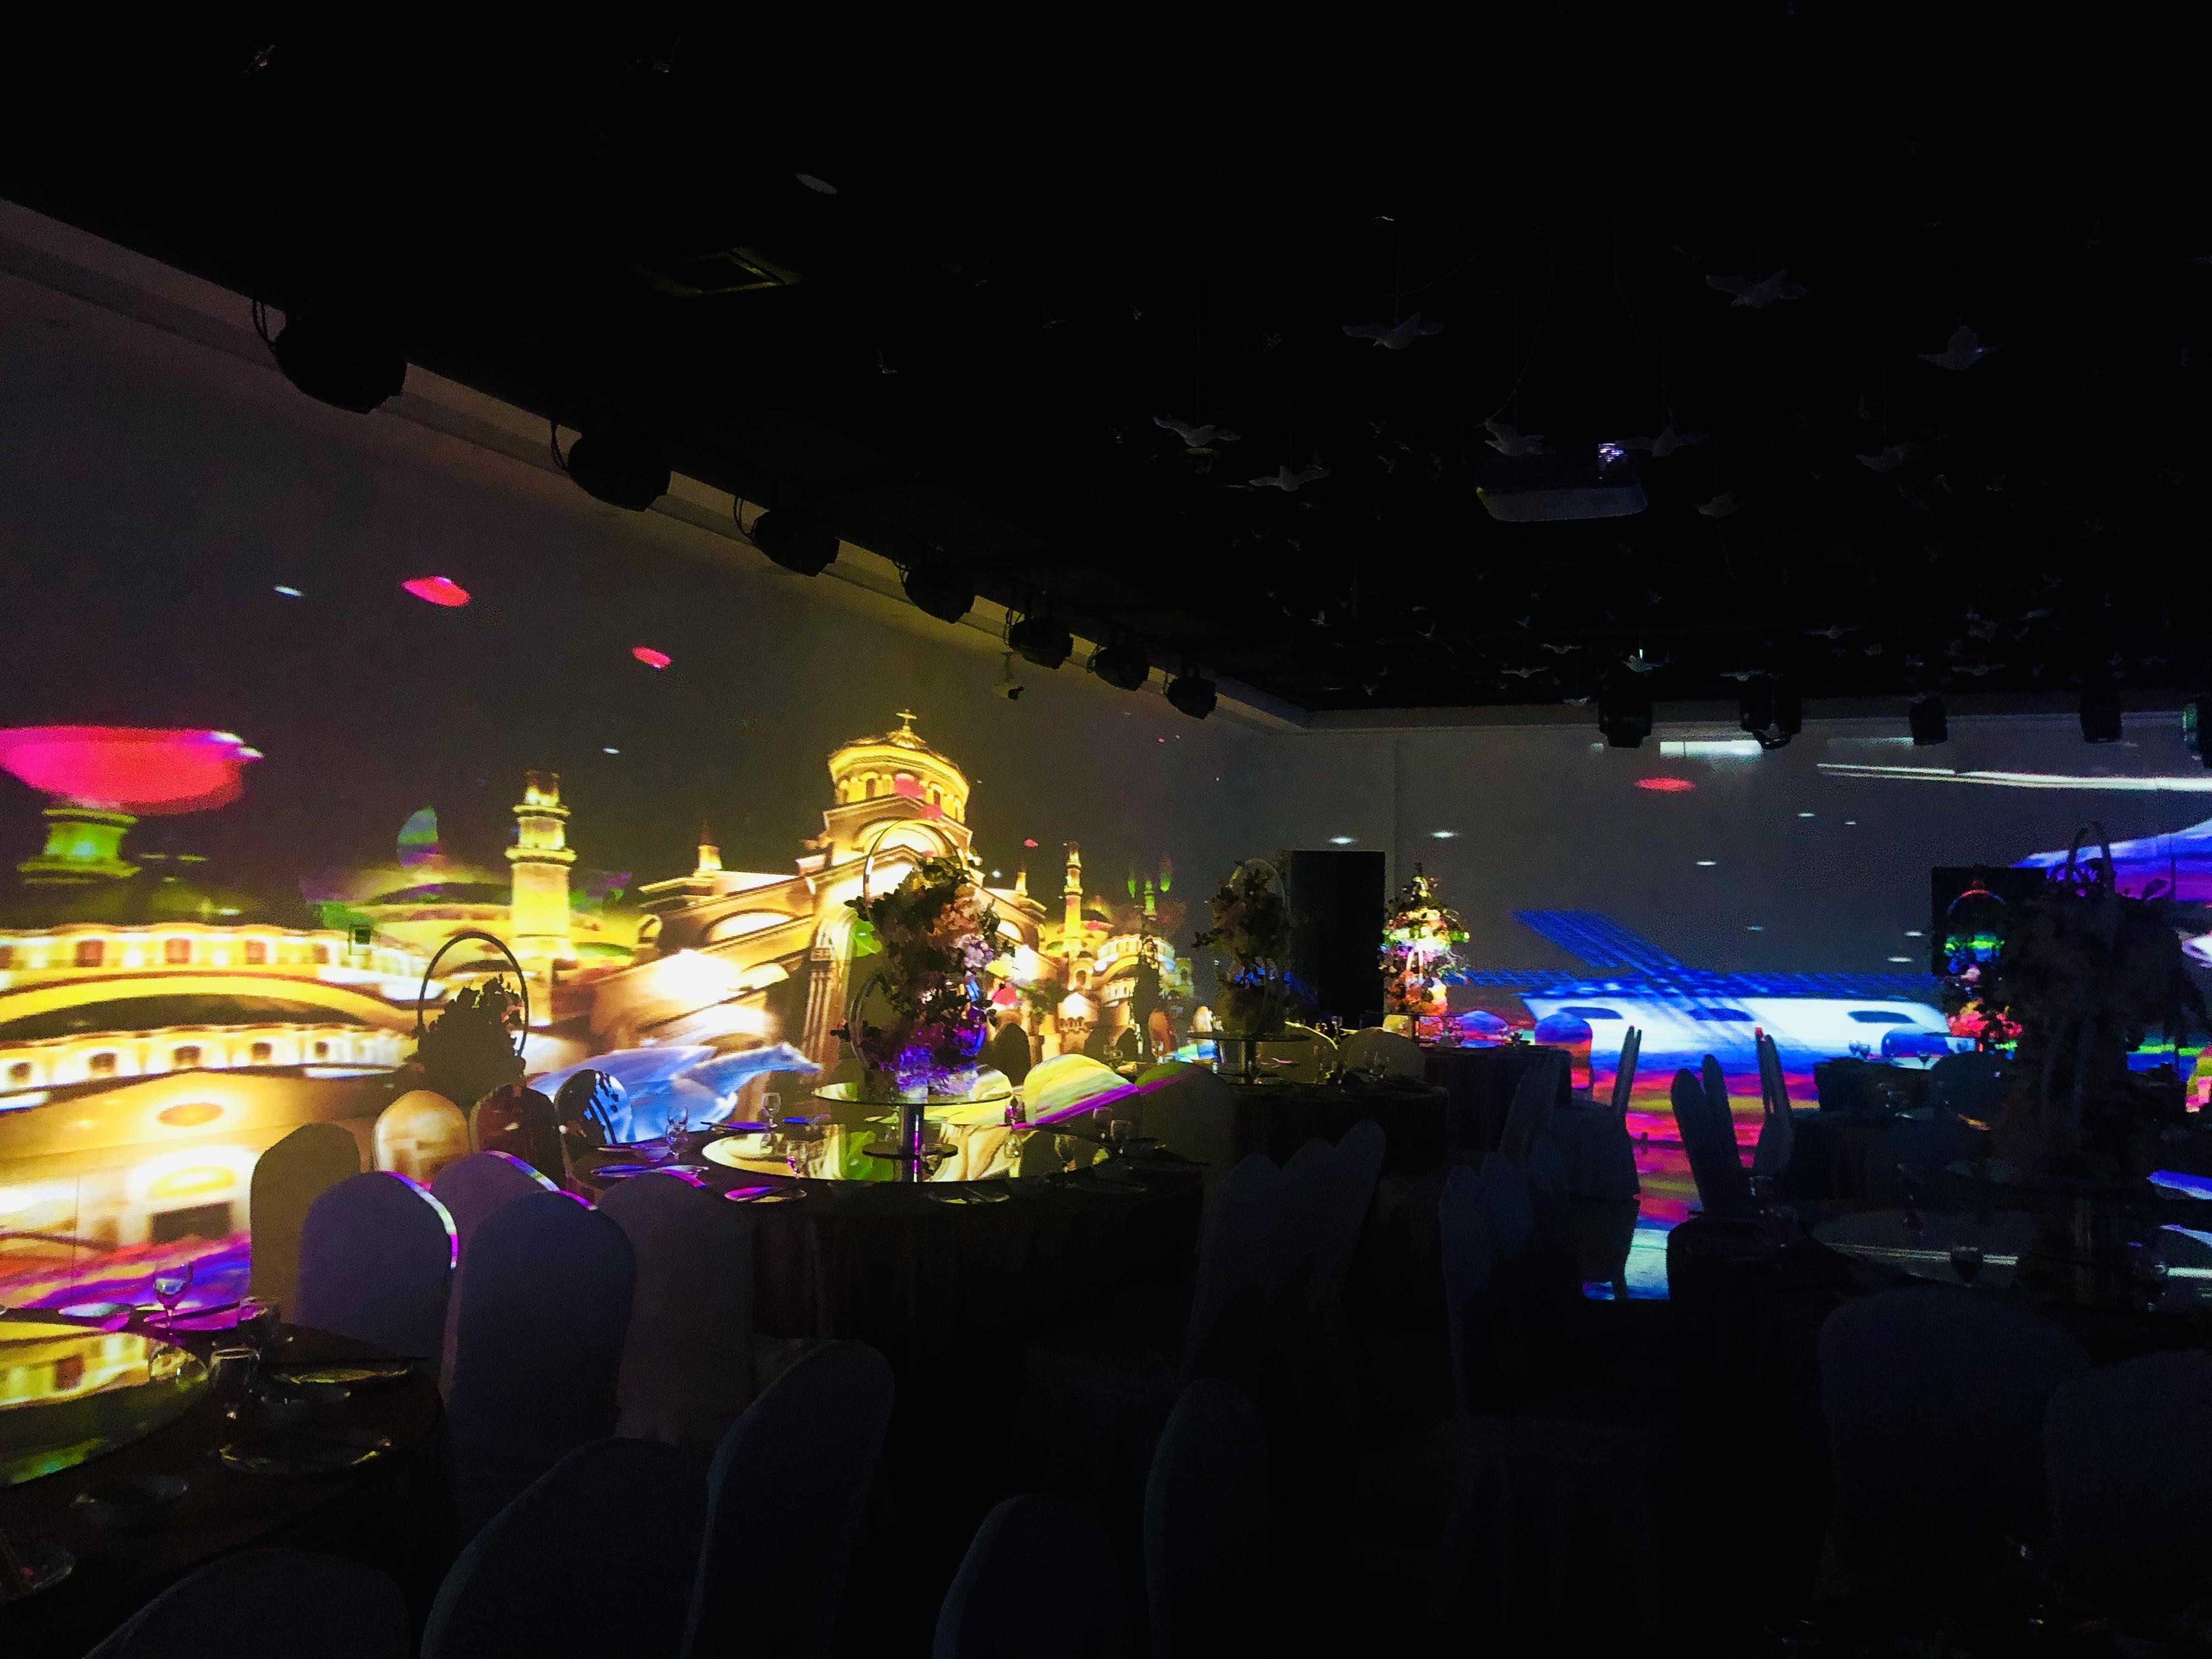 全息宴会厅,及其全息整装工程,泊漫科技让你眼前一亮